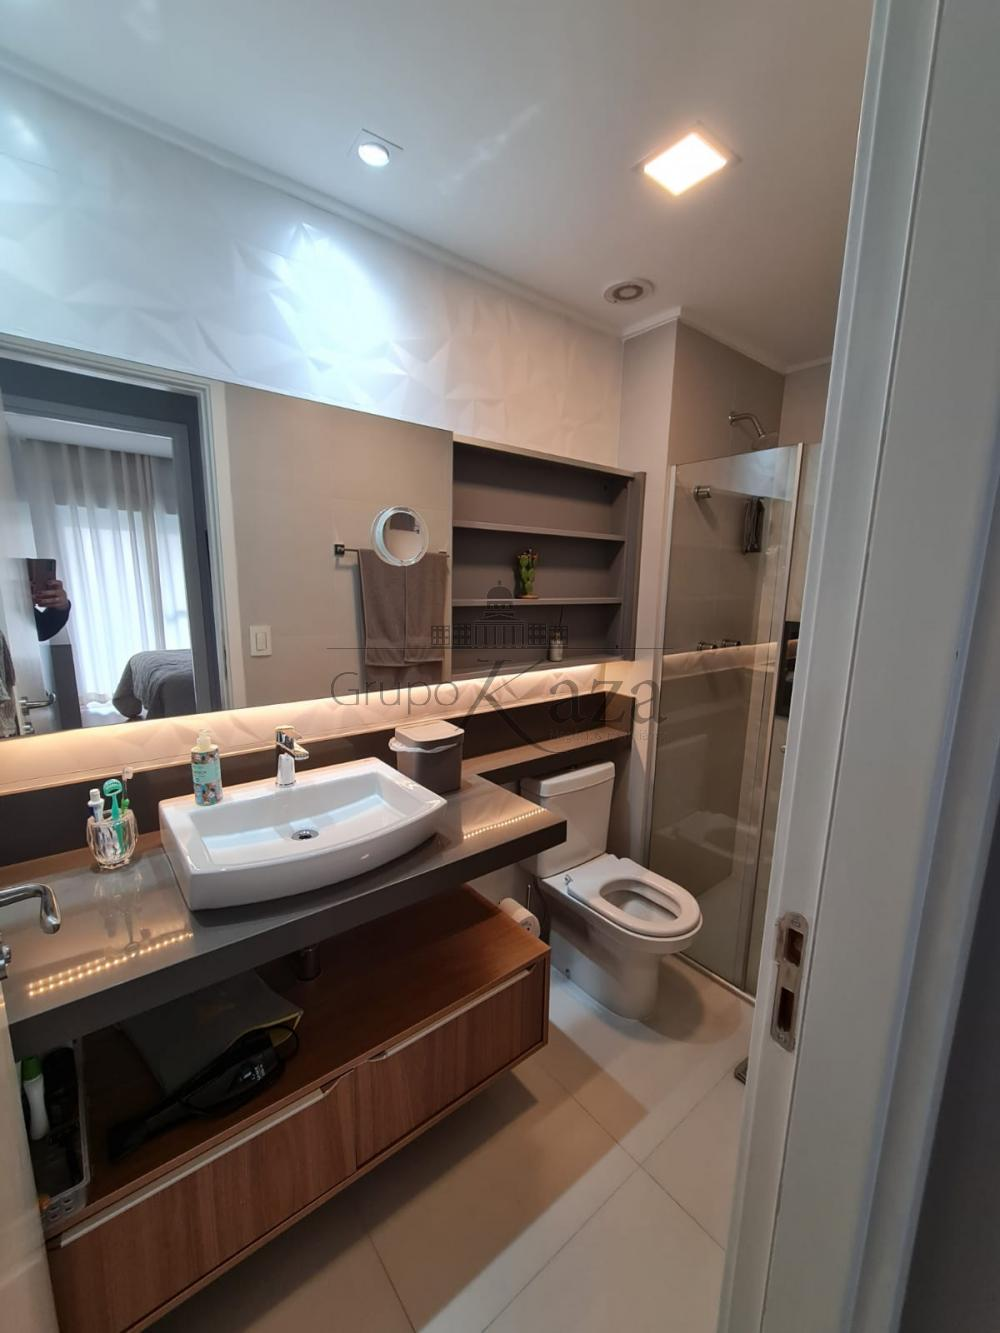 alt='Alugar Apartamento / Padrão em São José dos Campos R$ 3.300,00 - Foto 16' title='Alugar Apartamento / Padrão em São José dos Campos R$ 3.300,00 - Foto 16'